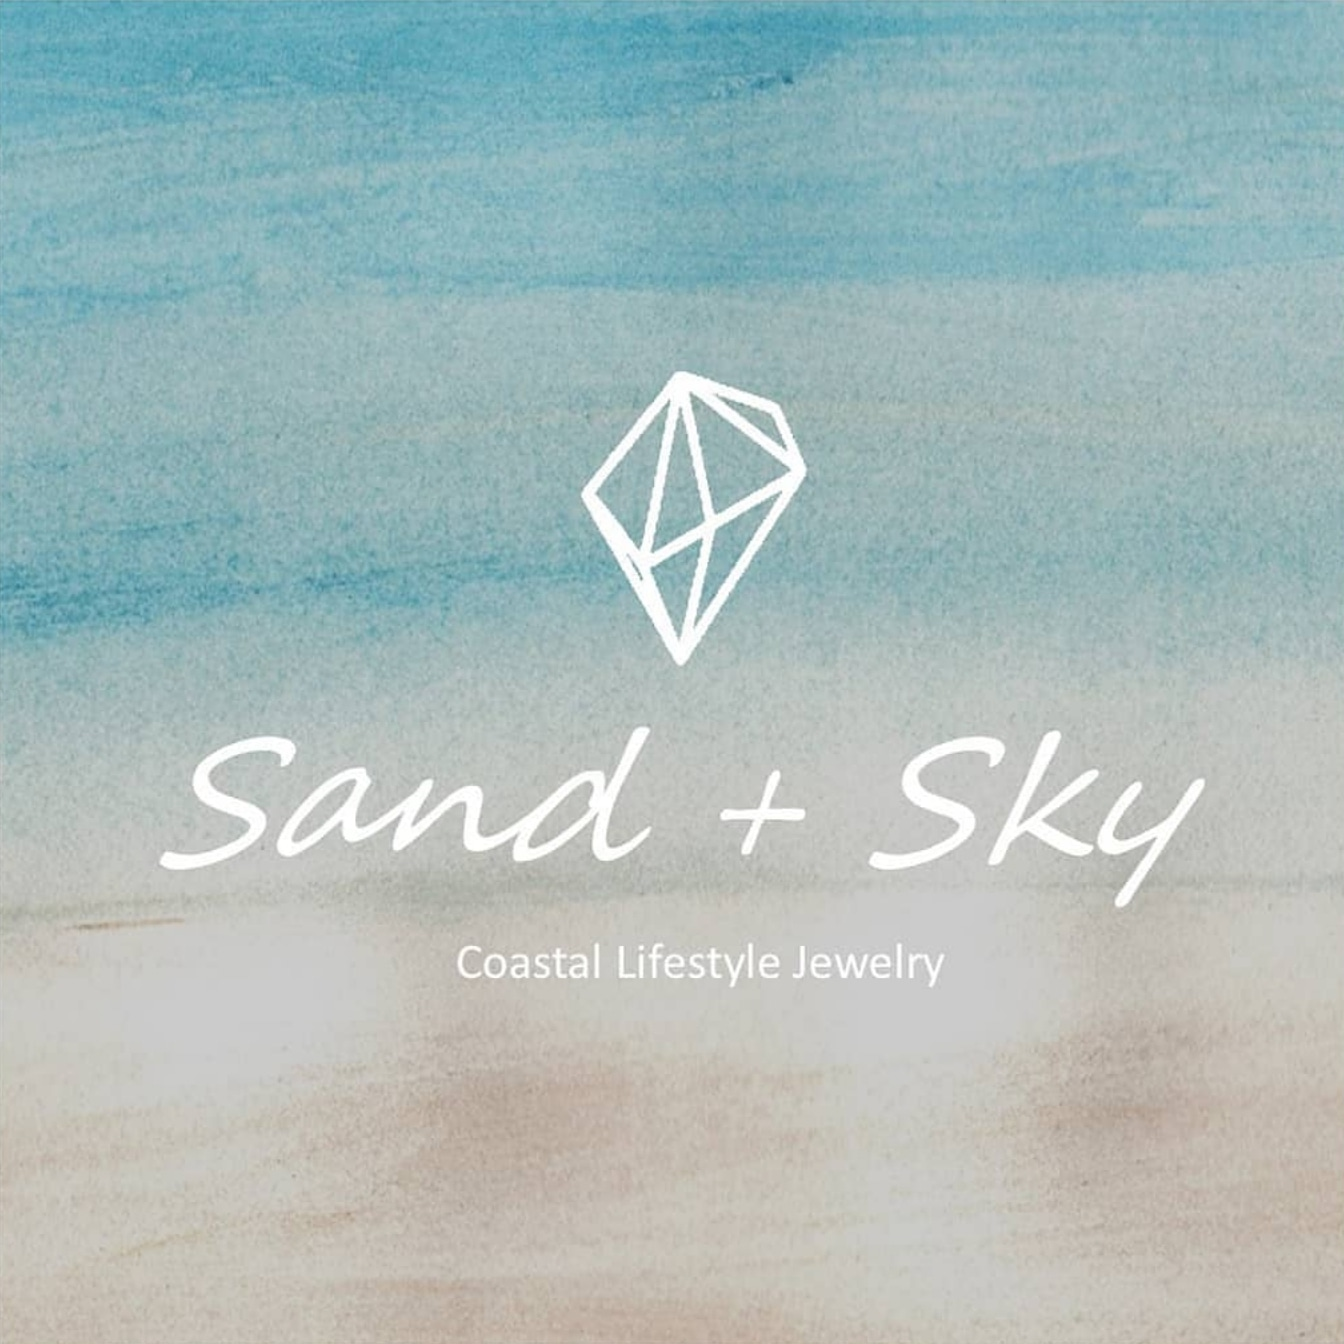 Sand + Sky Jewelry